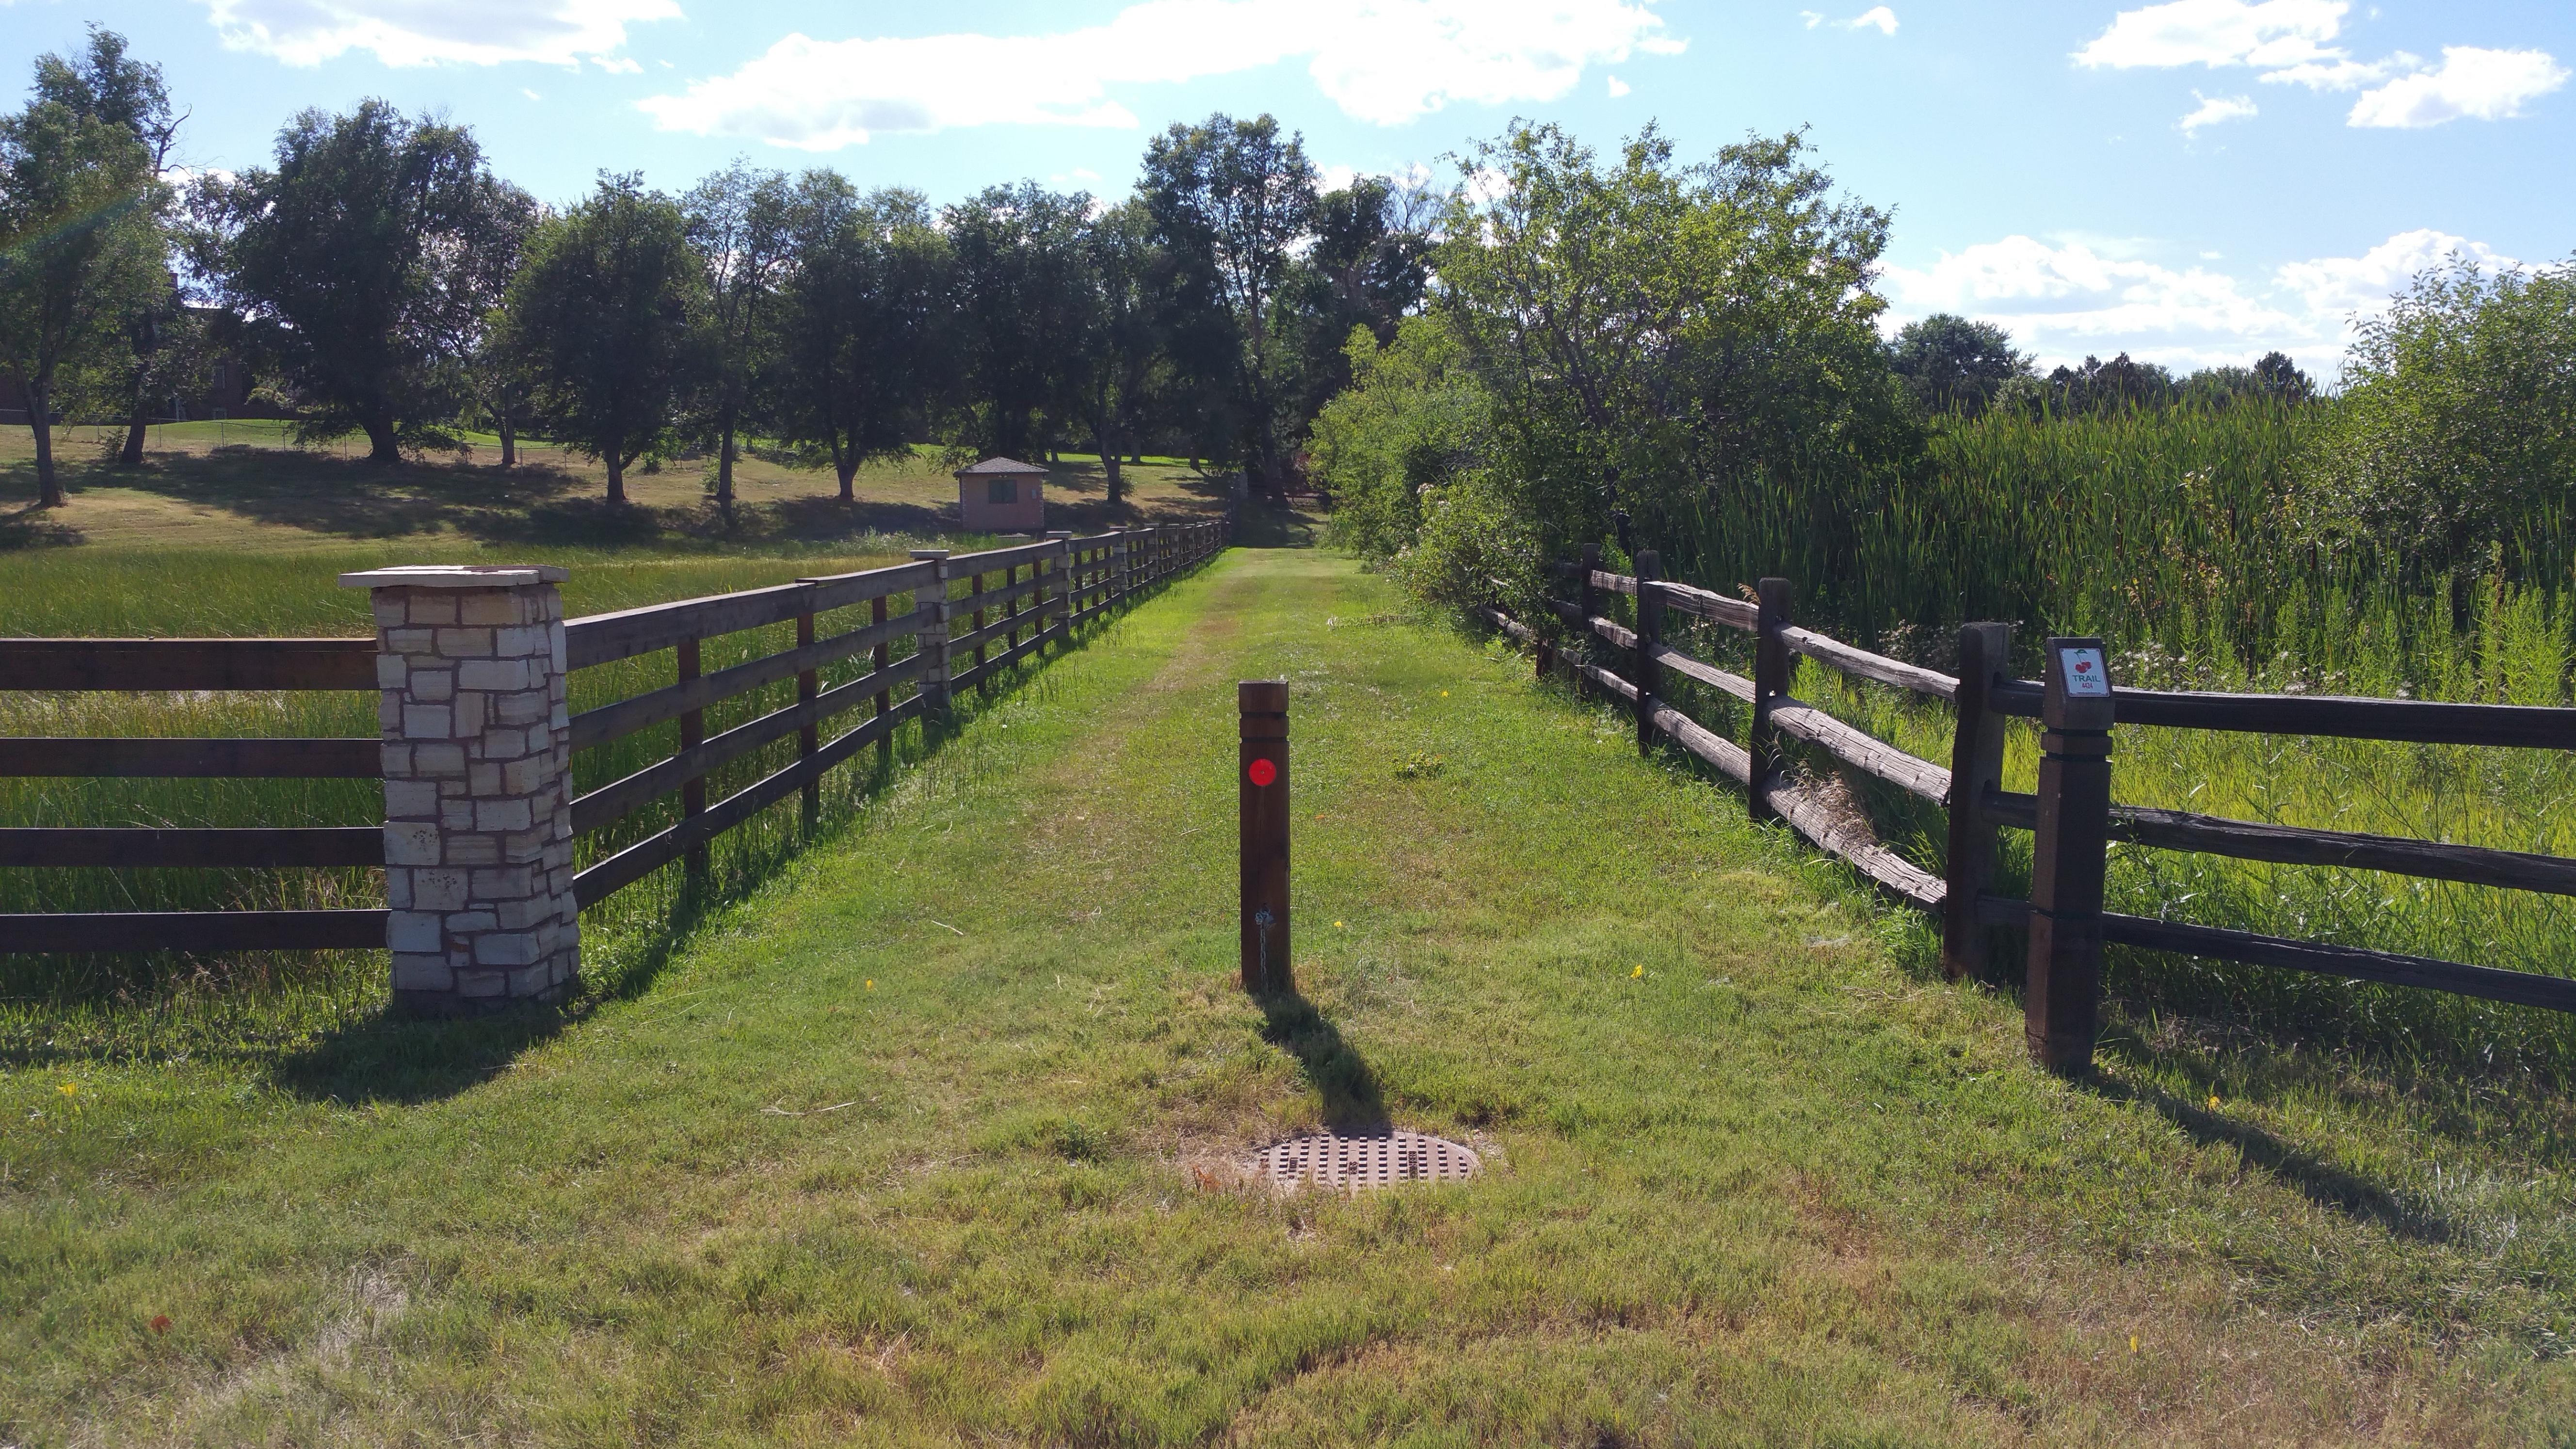 Bridle trail in Cherry Hills Village